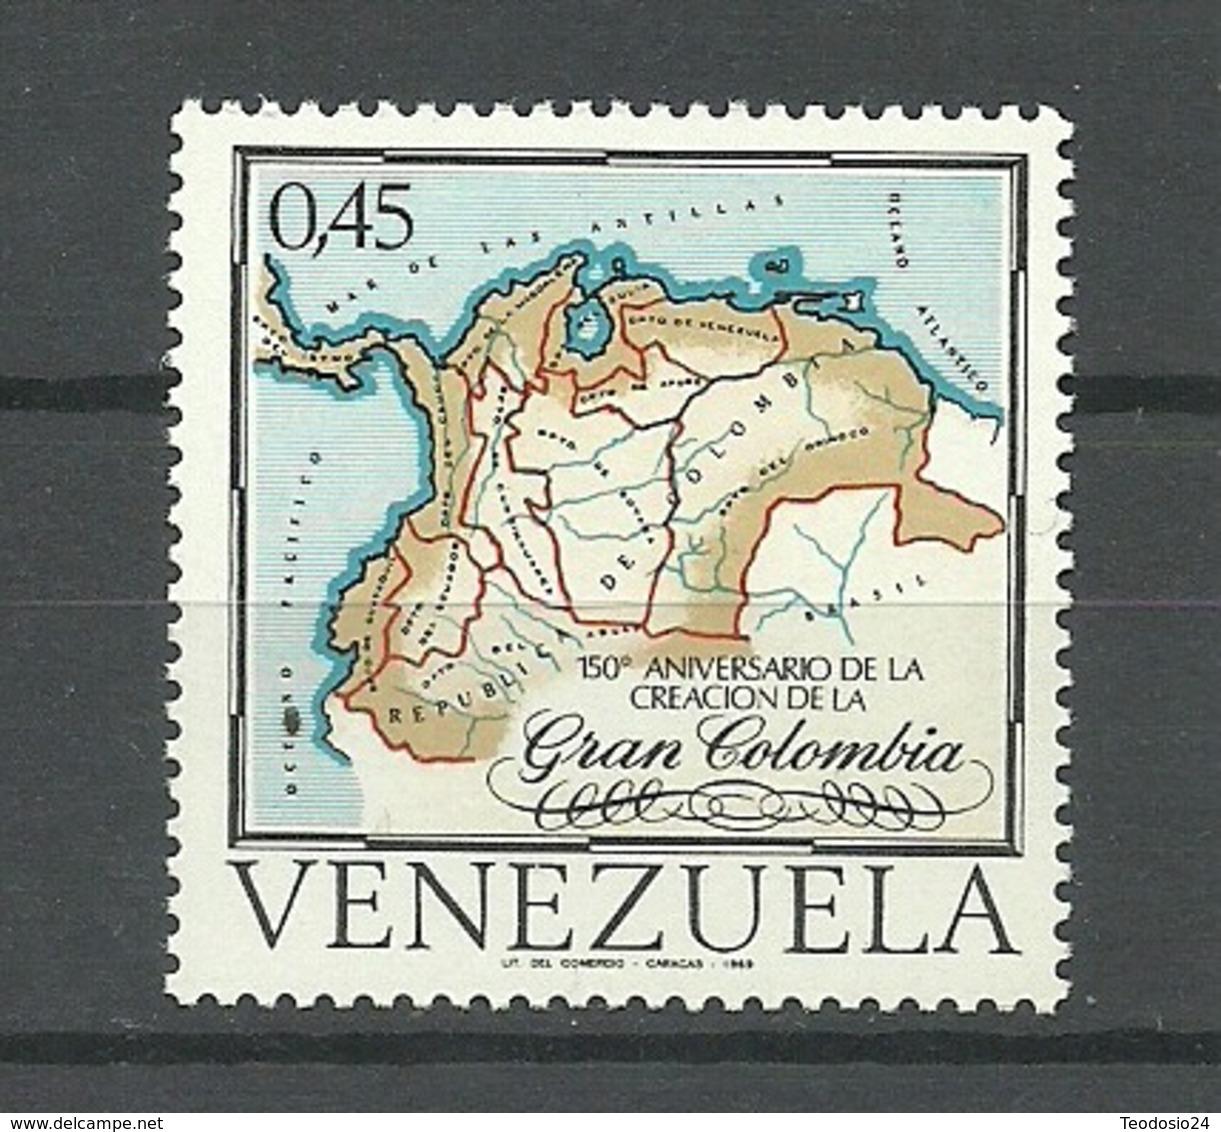 Venezuela   ** MNH 150 ANIVERSARIO DE LA CREACION DE LA GRAN COLOMBIA - Venezuela